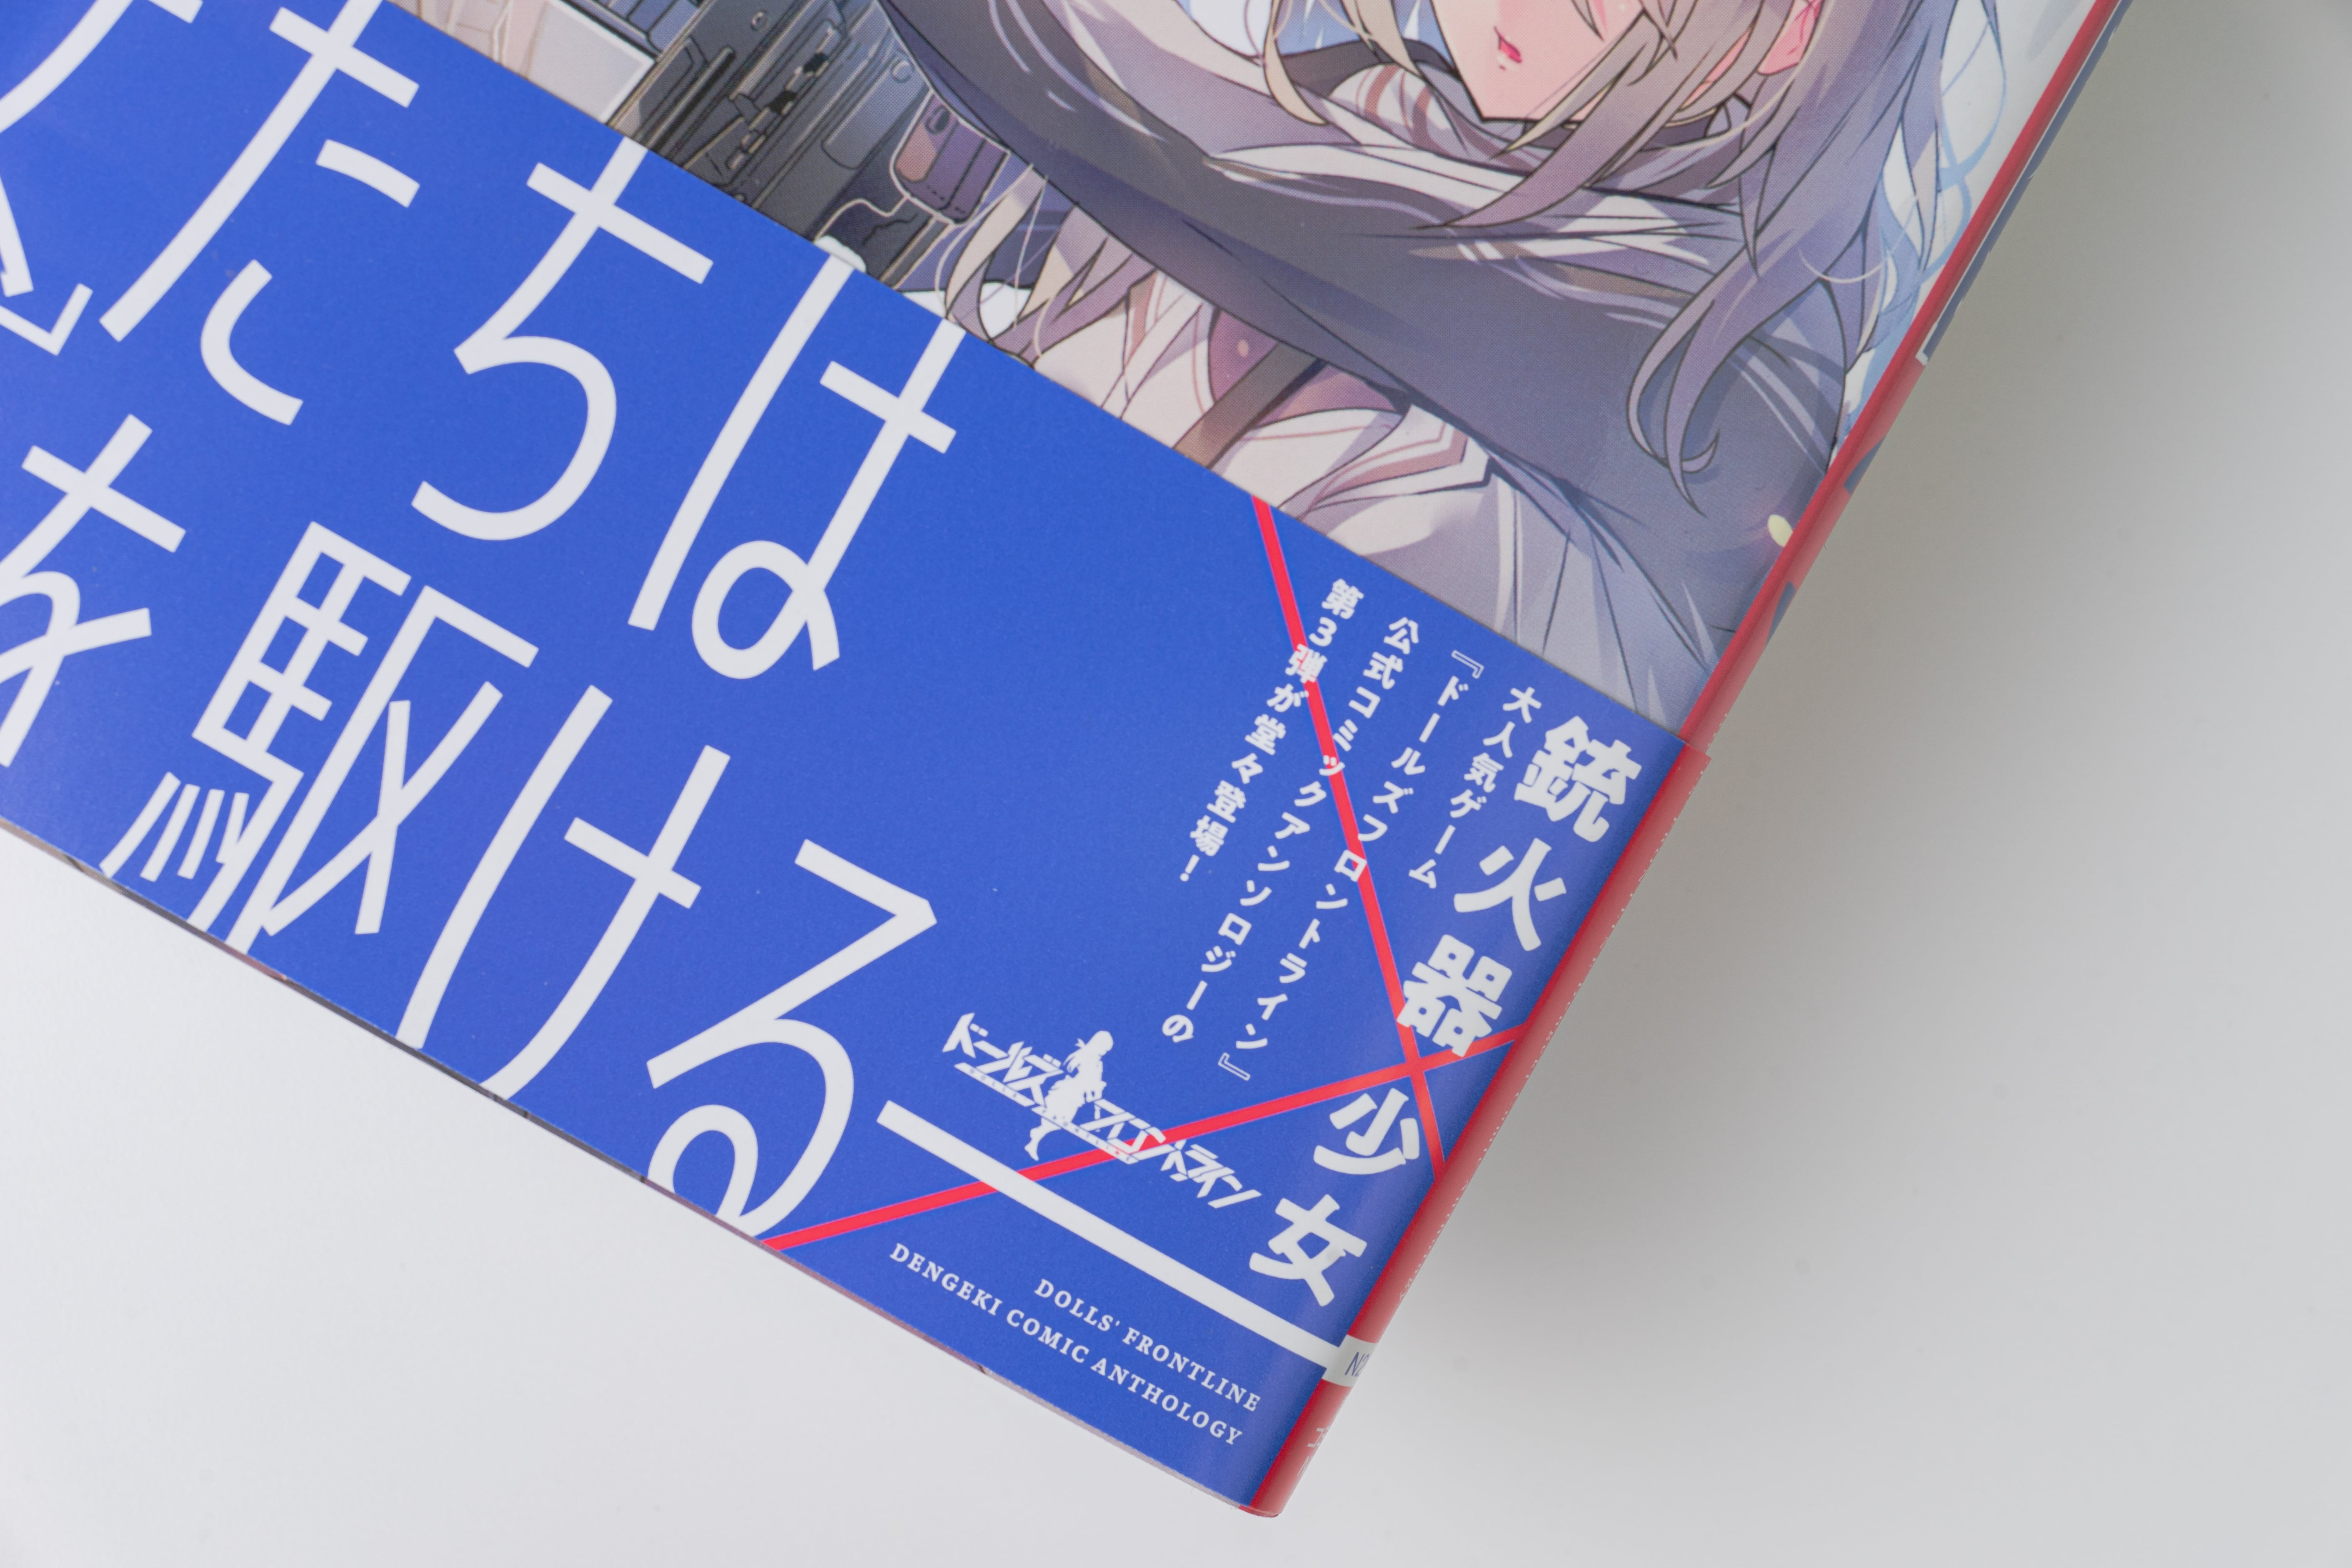 ドールズフロントライン 電撃コミックアンソロジー 3